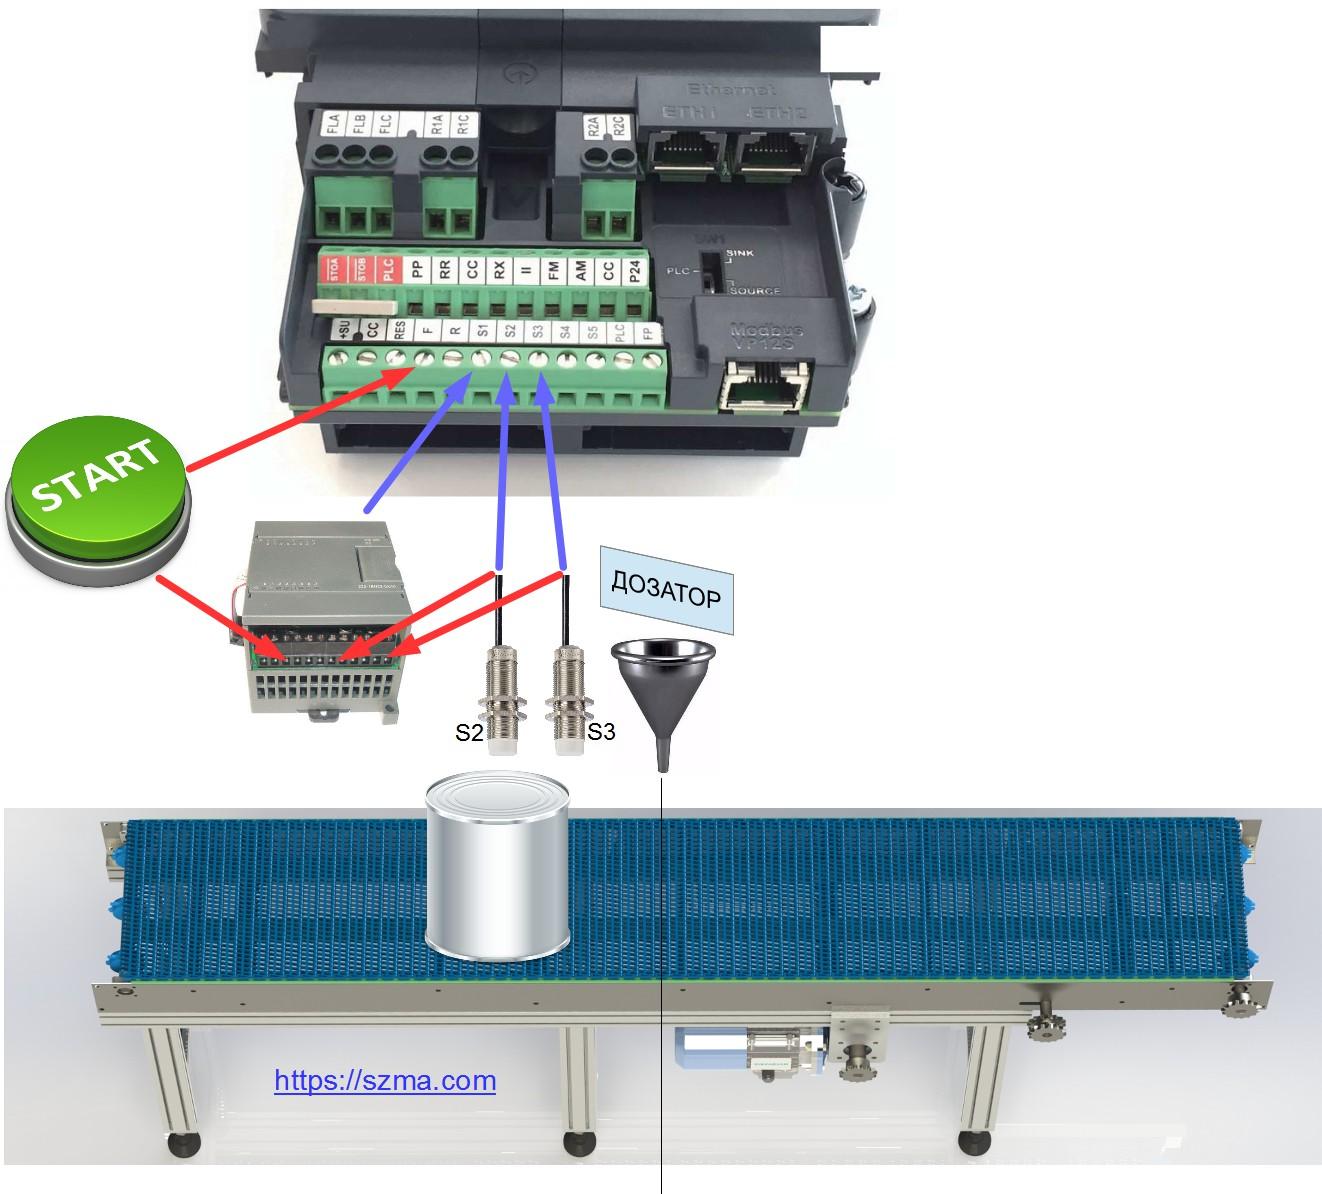 Подключение датчиков к частотному преобразователю AS3 Toshiba для точного позиционирования